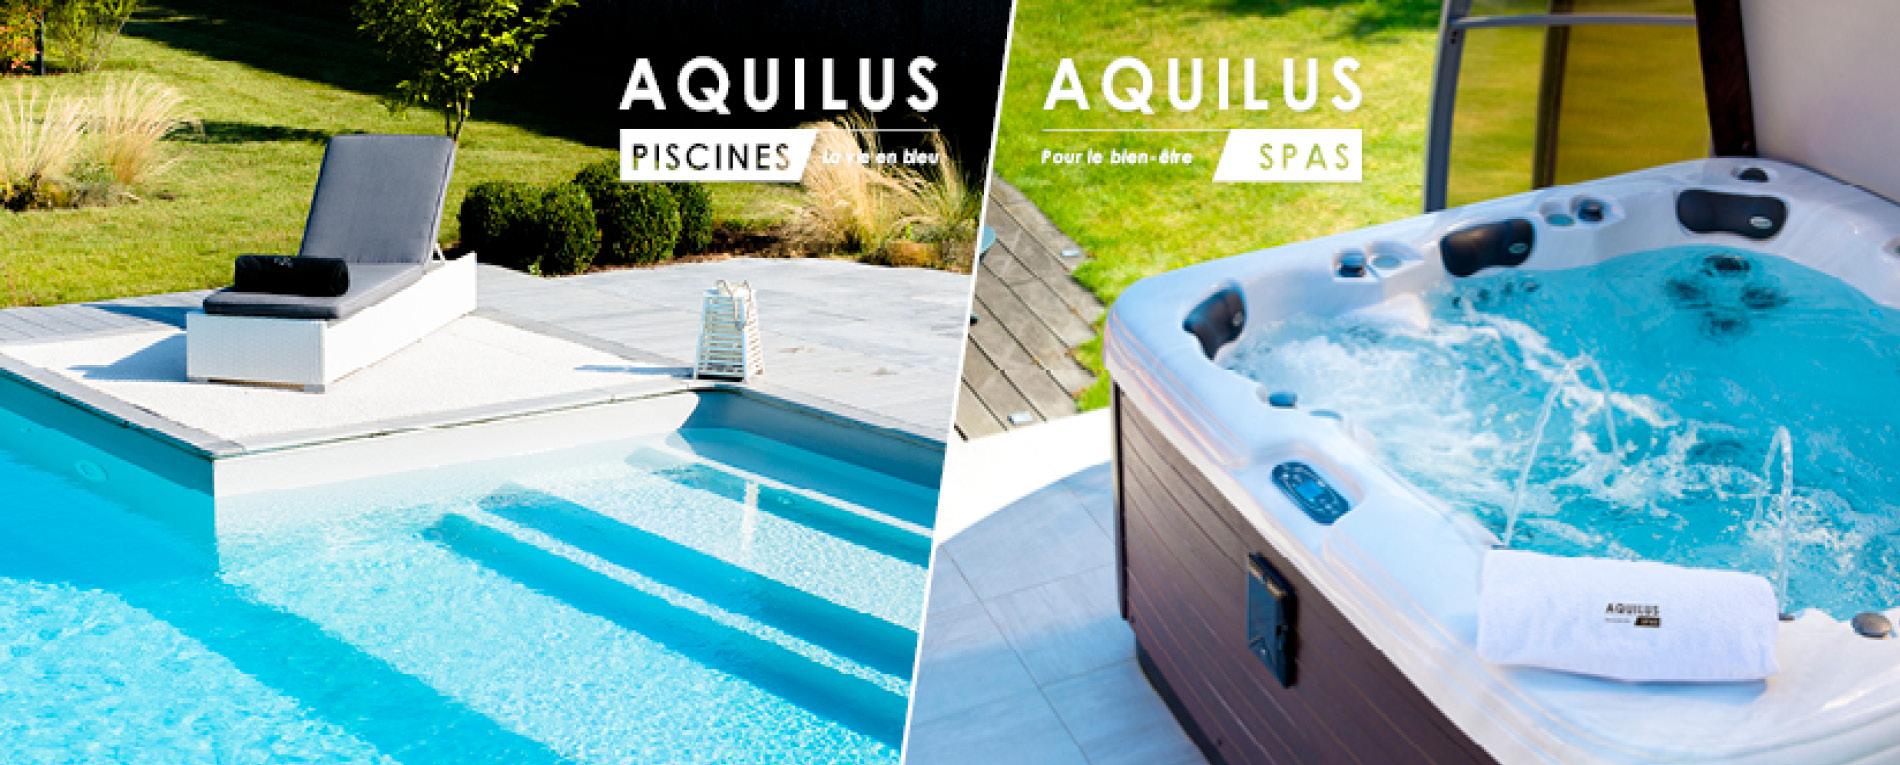 Aquilus Vesoul | Concessionnaire Piscines & Spas avec Piscine Aquilus